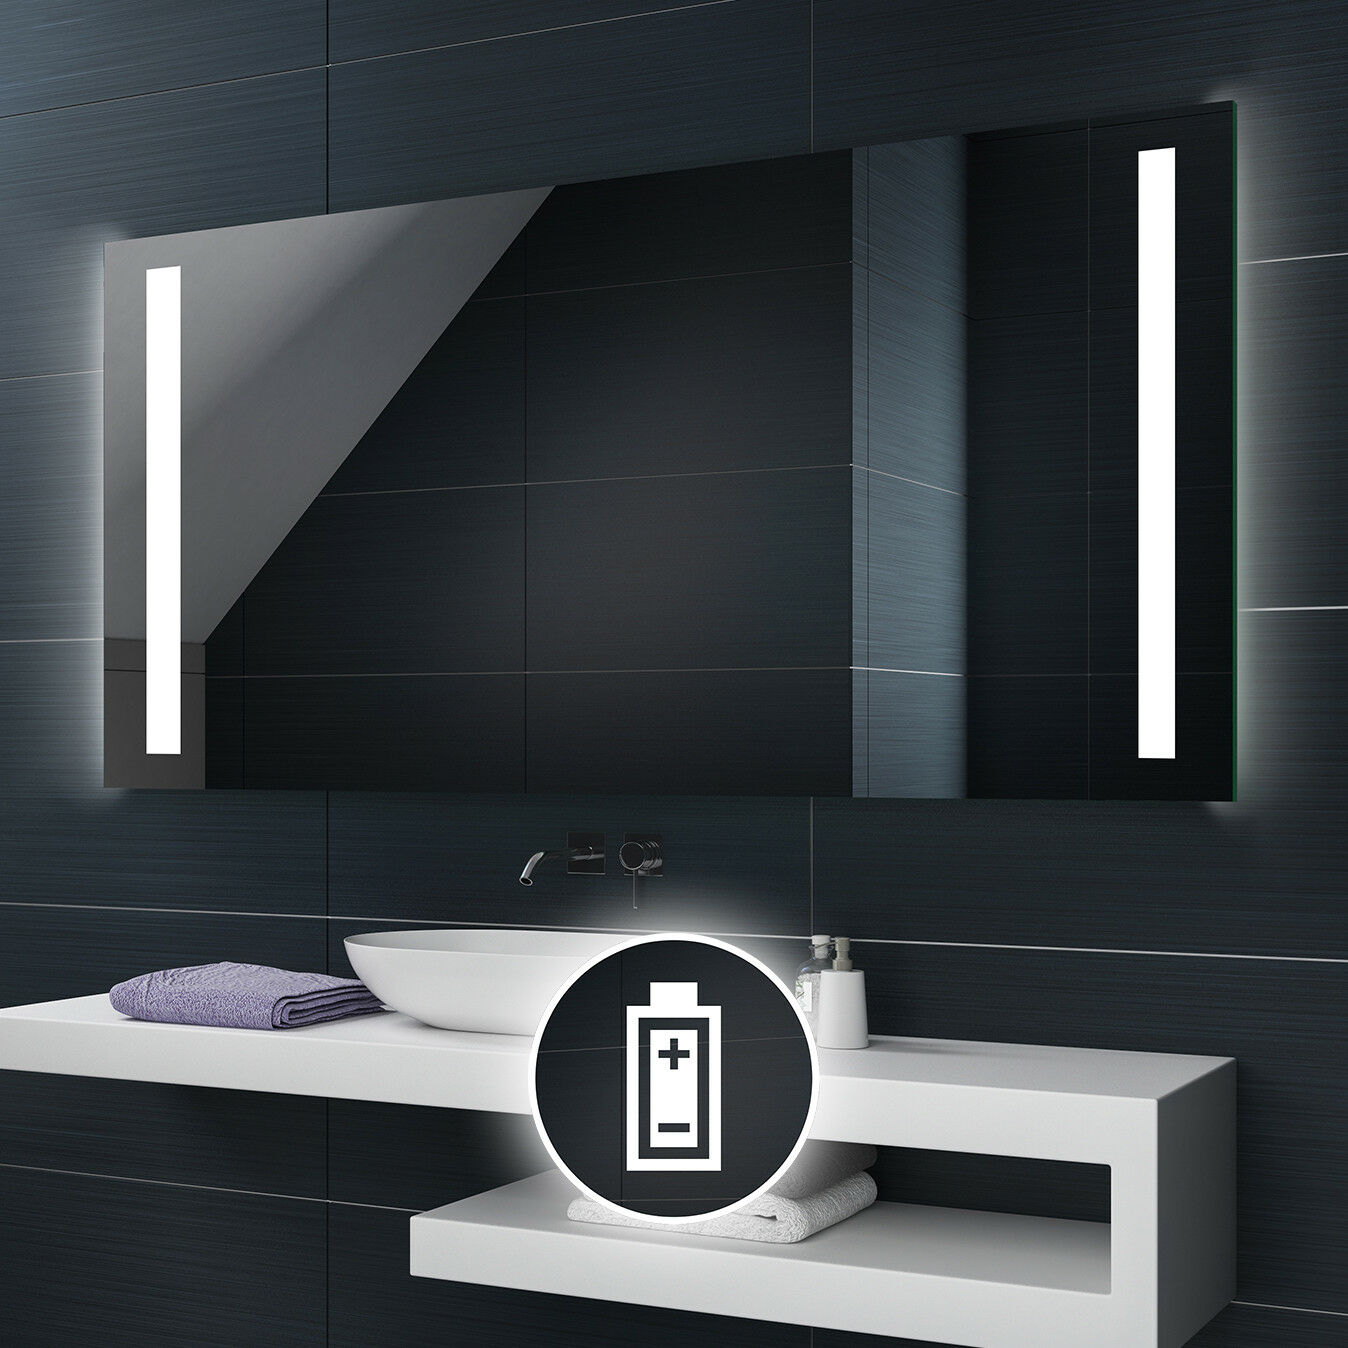 Alimenté par batterie DEL illuminé Miroir de salle de bains Batterie taille personnalisée L02